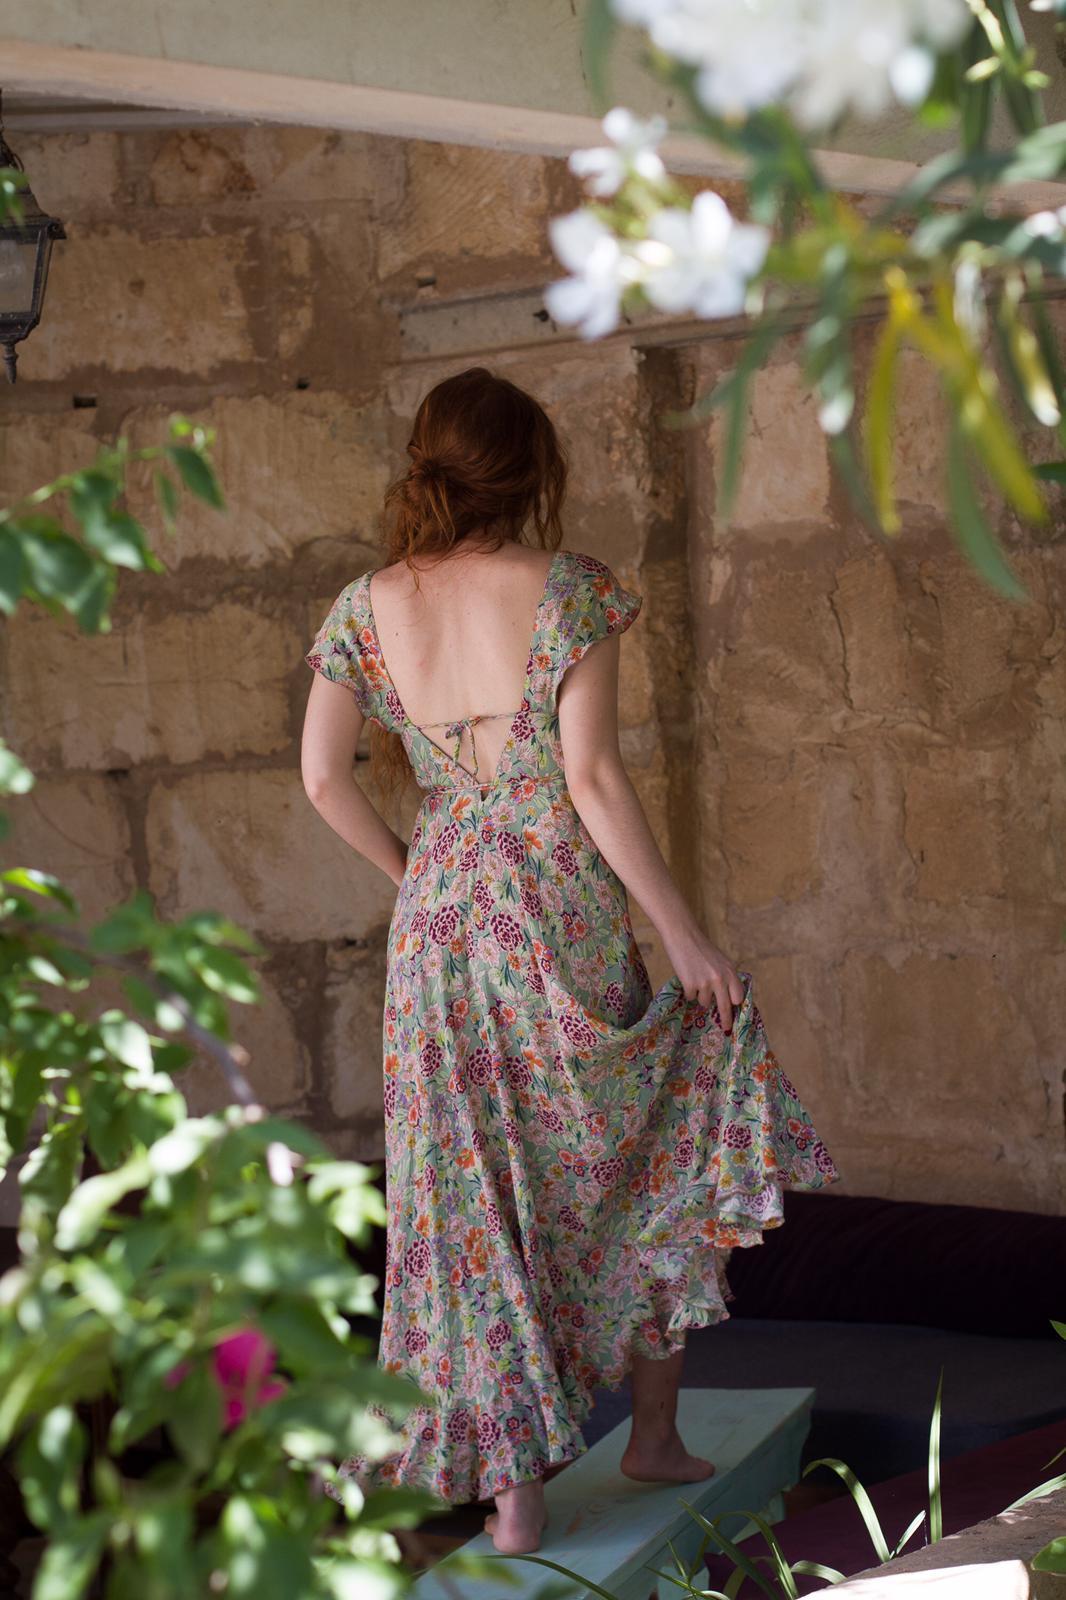 carolina.albertoni.mallorca.handmade.dresses.soft.sensual.feminity.designer.sensual